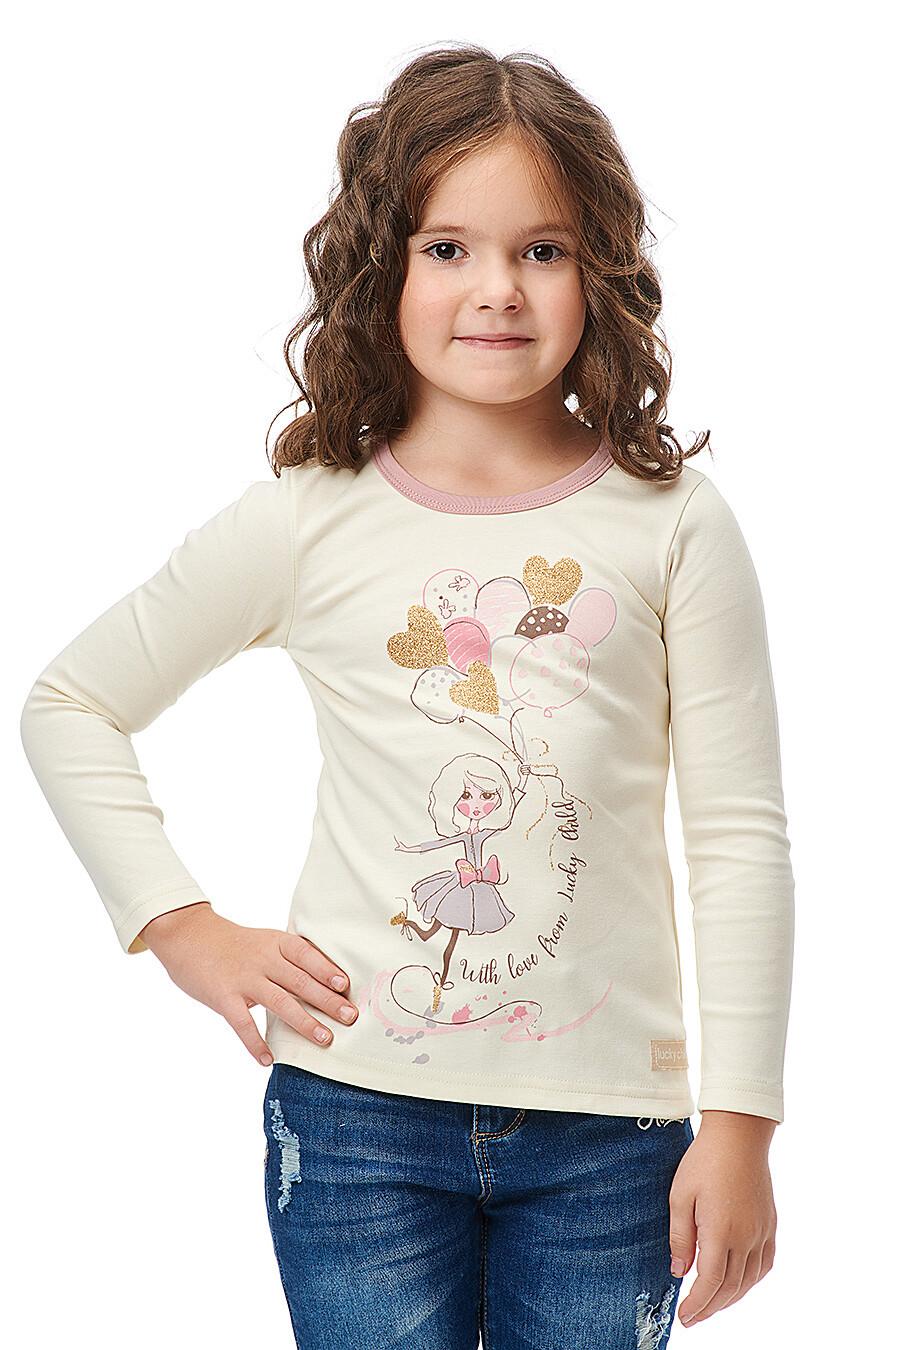 Джемпер для девочек LUCKY CHILD 184689 купить оптом от производителя. Совместная покупка детской одежды в OptMoyo